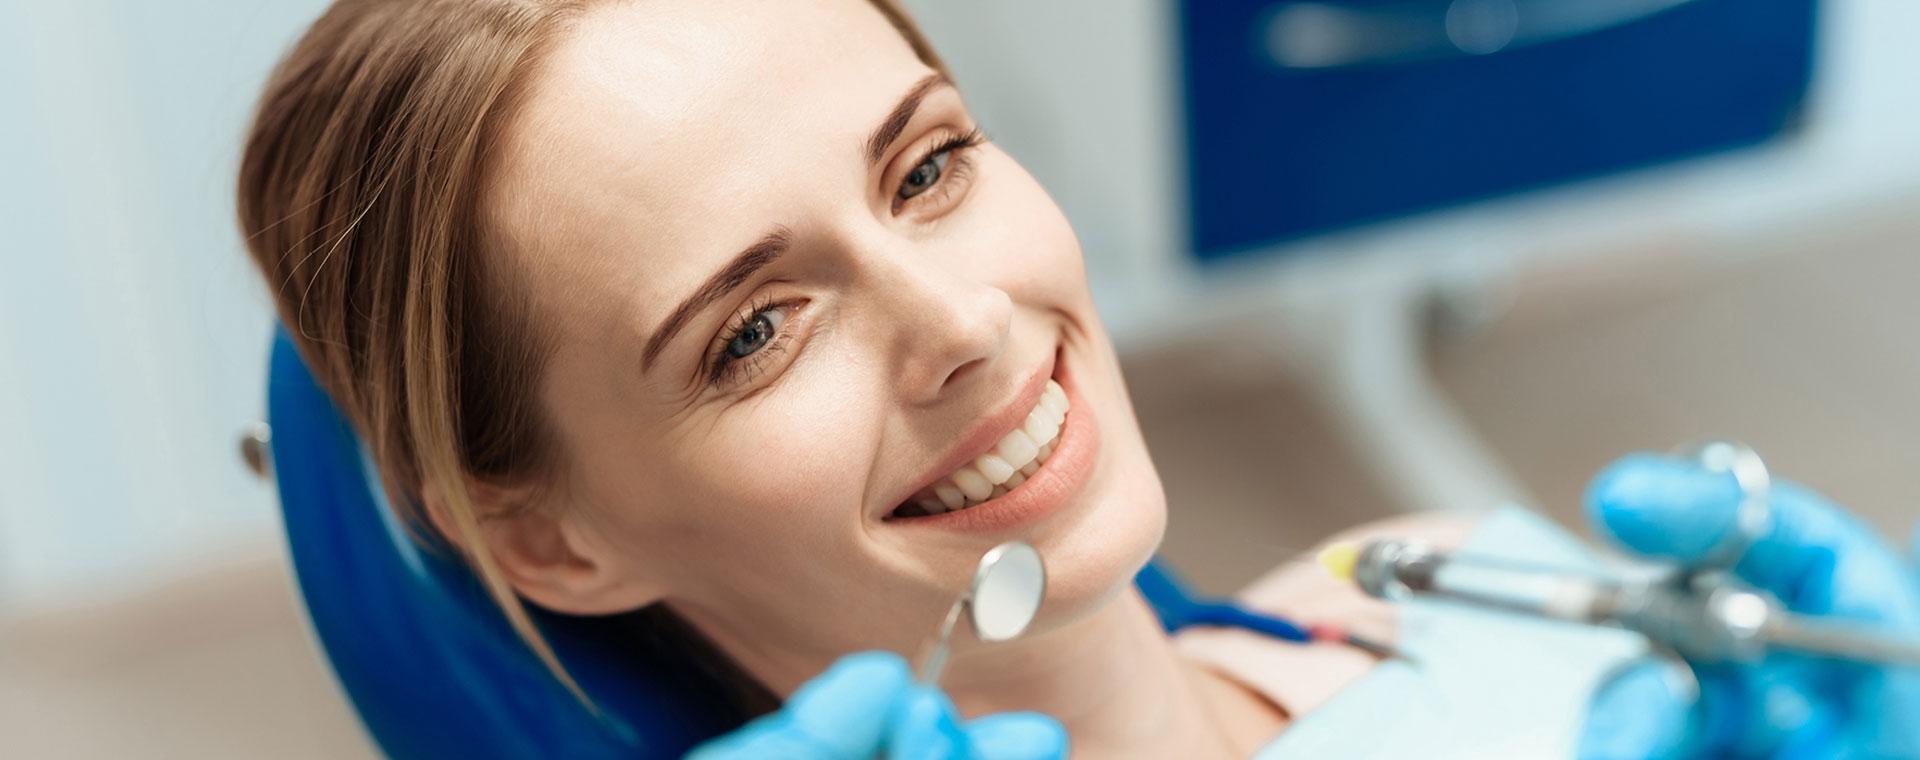 семейная стоматологическая клиник фото